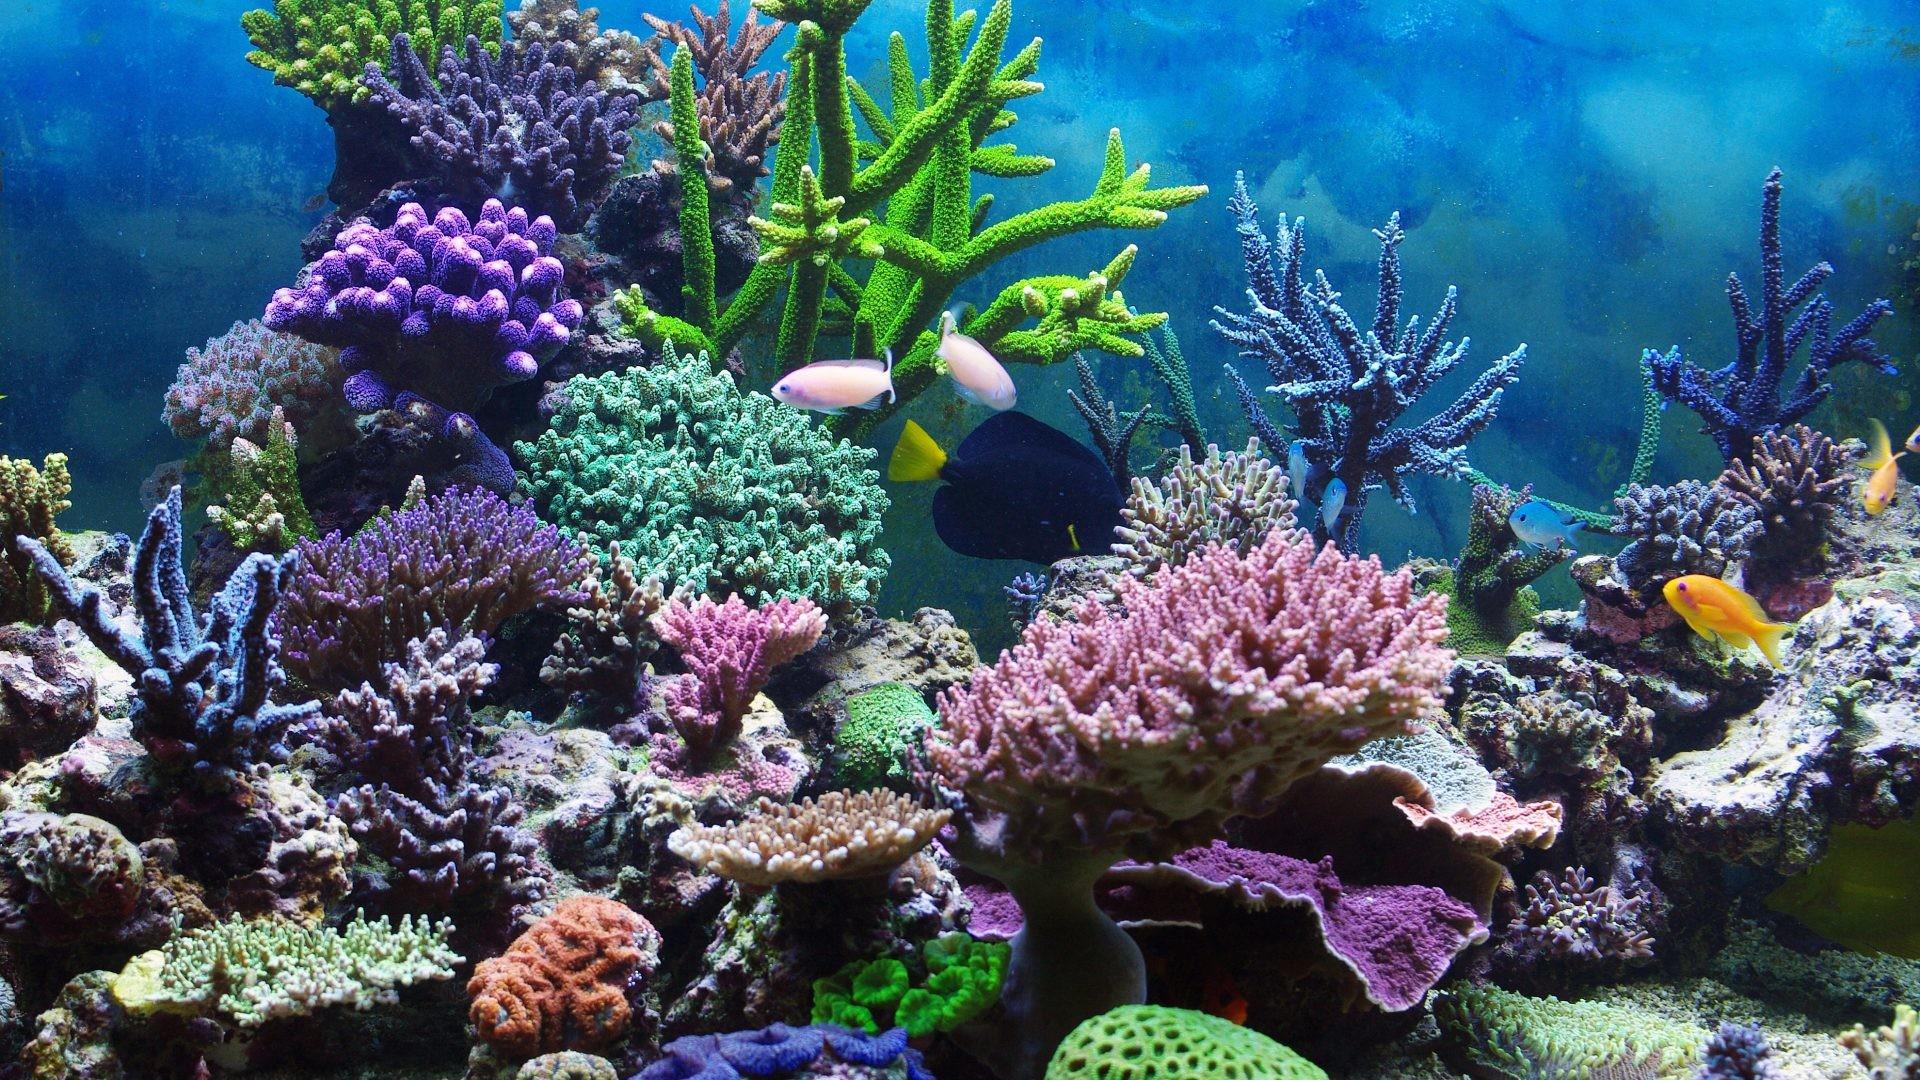 Coral Reefs – Underwater Coral Reef Ocean Tropical Wallpapers Desktop for HD  16:9 High